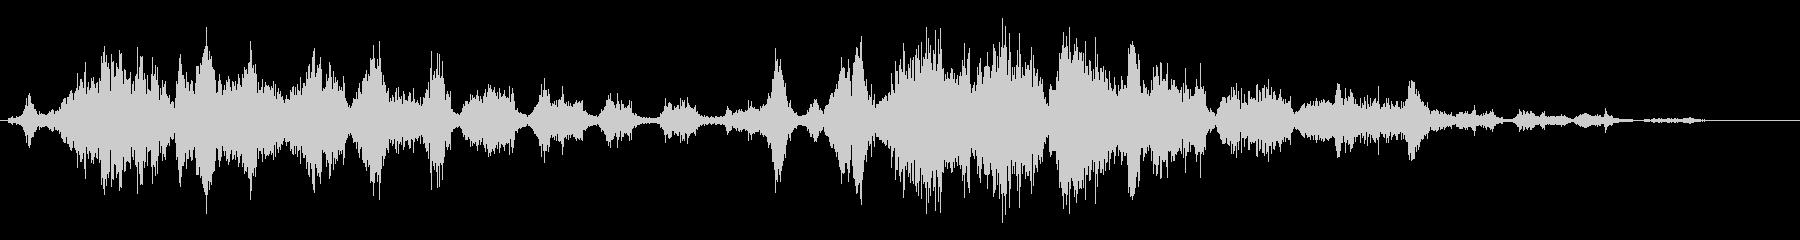 スモールスタジオオーディエンス:中...の未再生の波形